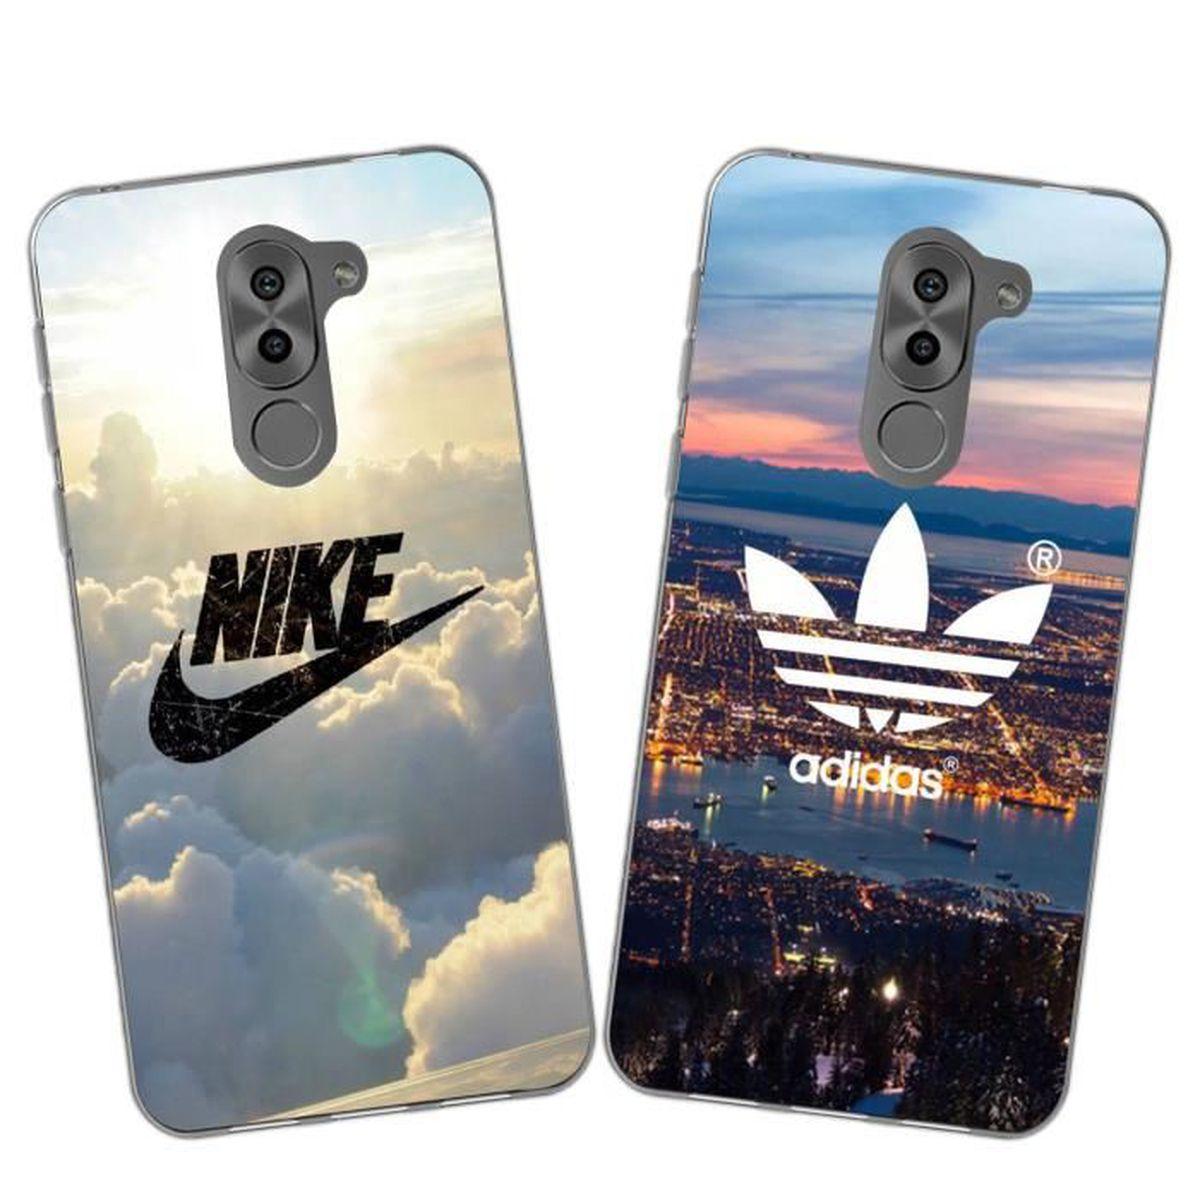 2 X Coque Huawei Honor 6X,Nike et Adidas Doux Souple TPU Housse ...